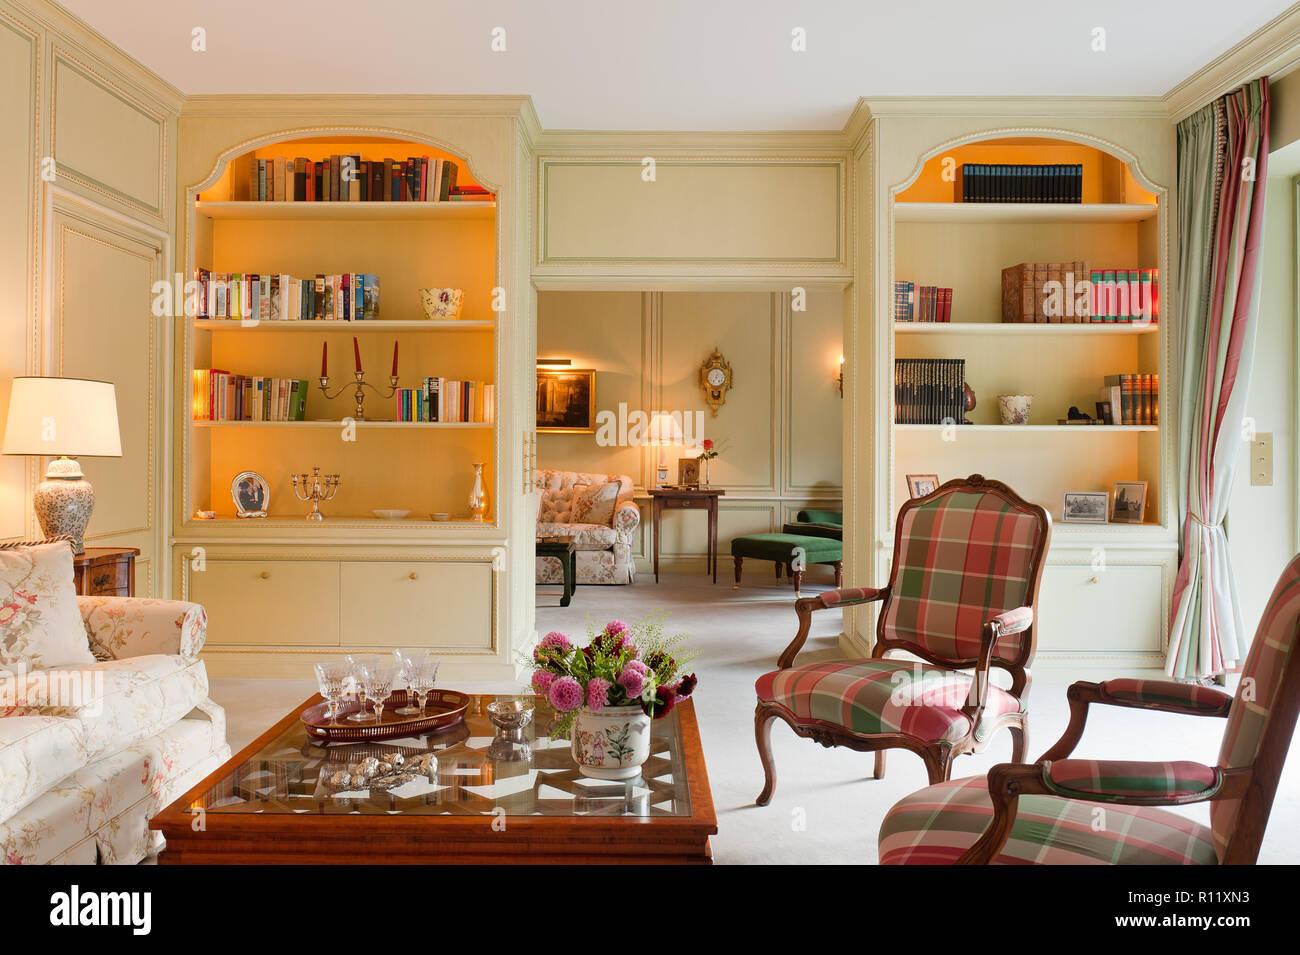 Salon de style édouardien avec étalage Banque D\'Images, Photo Stock ...